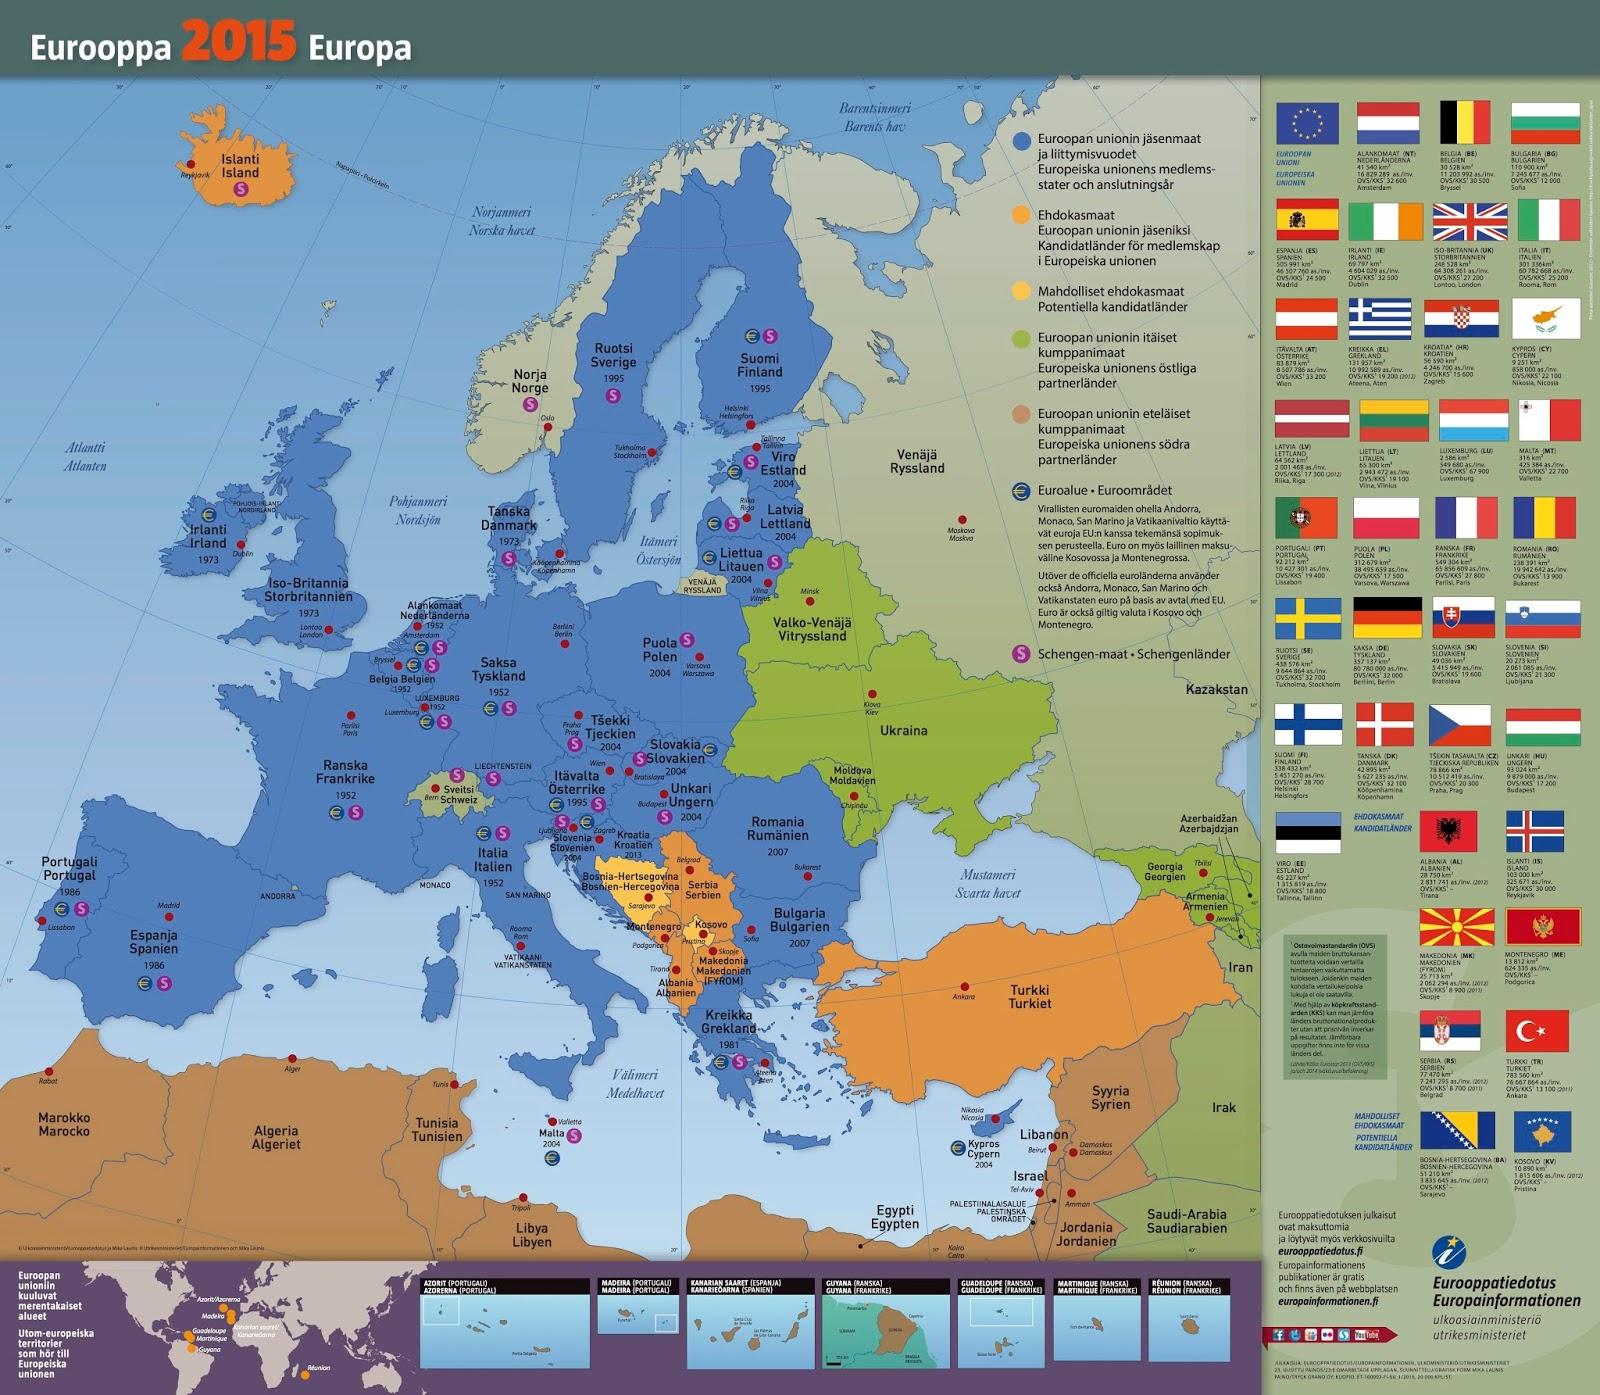 Euroopan Unionin Jasenvaltiot Ekofokus